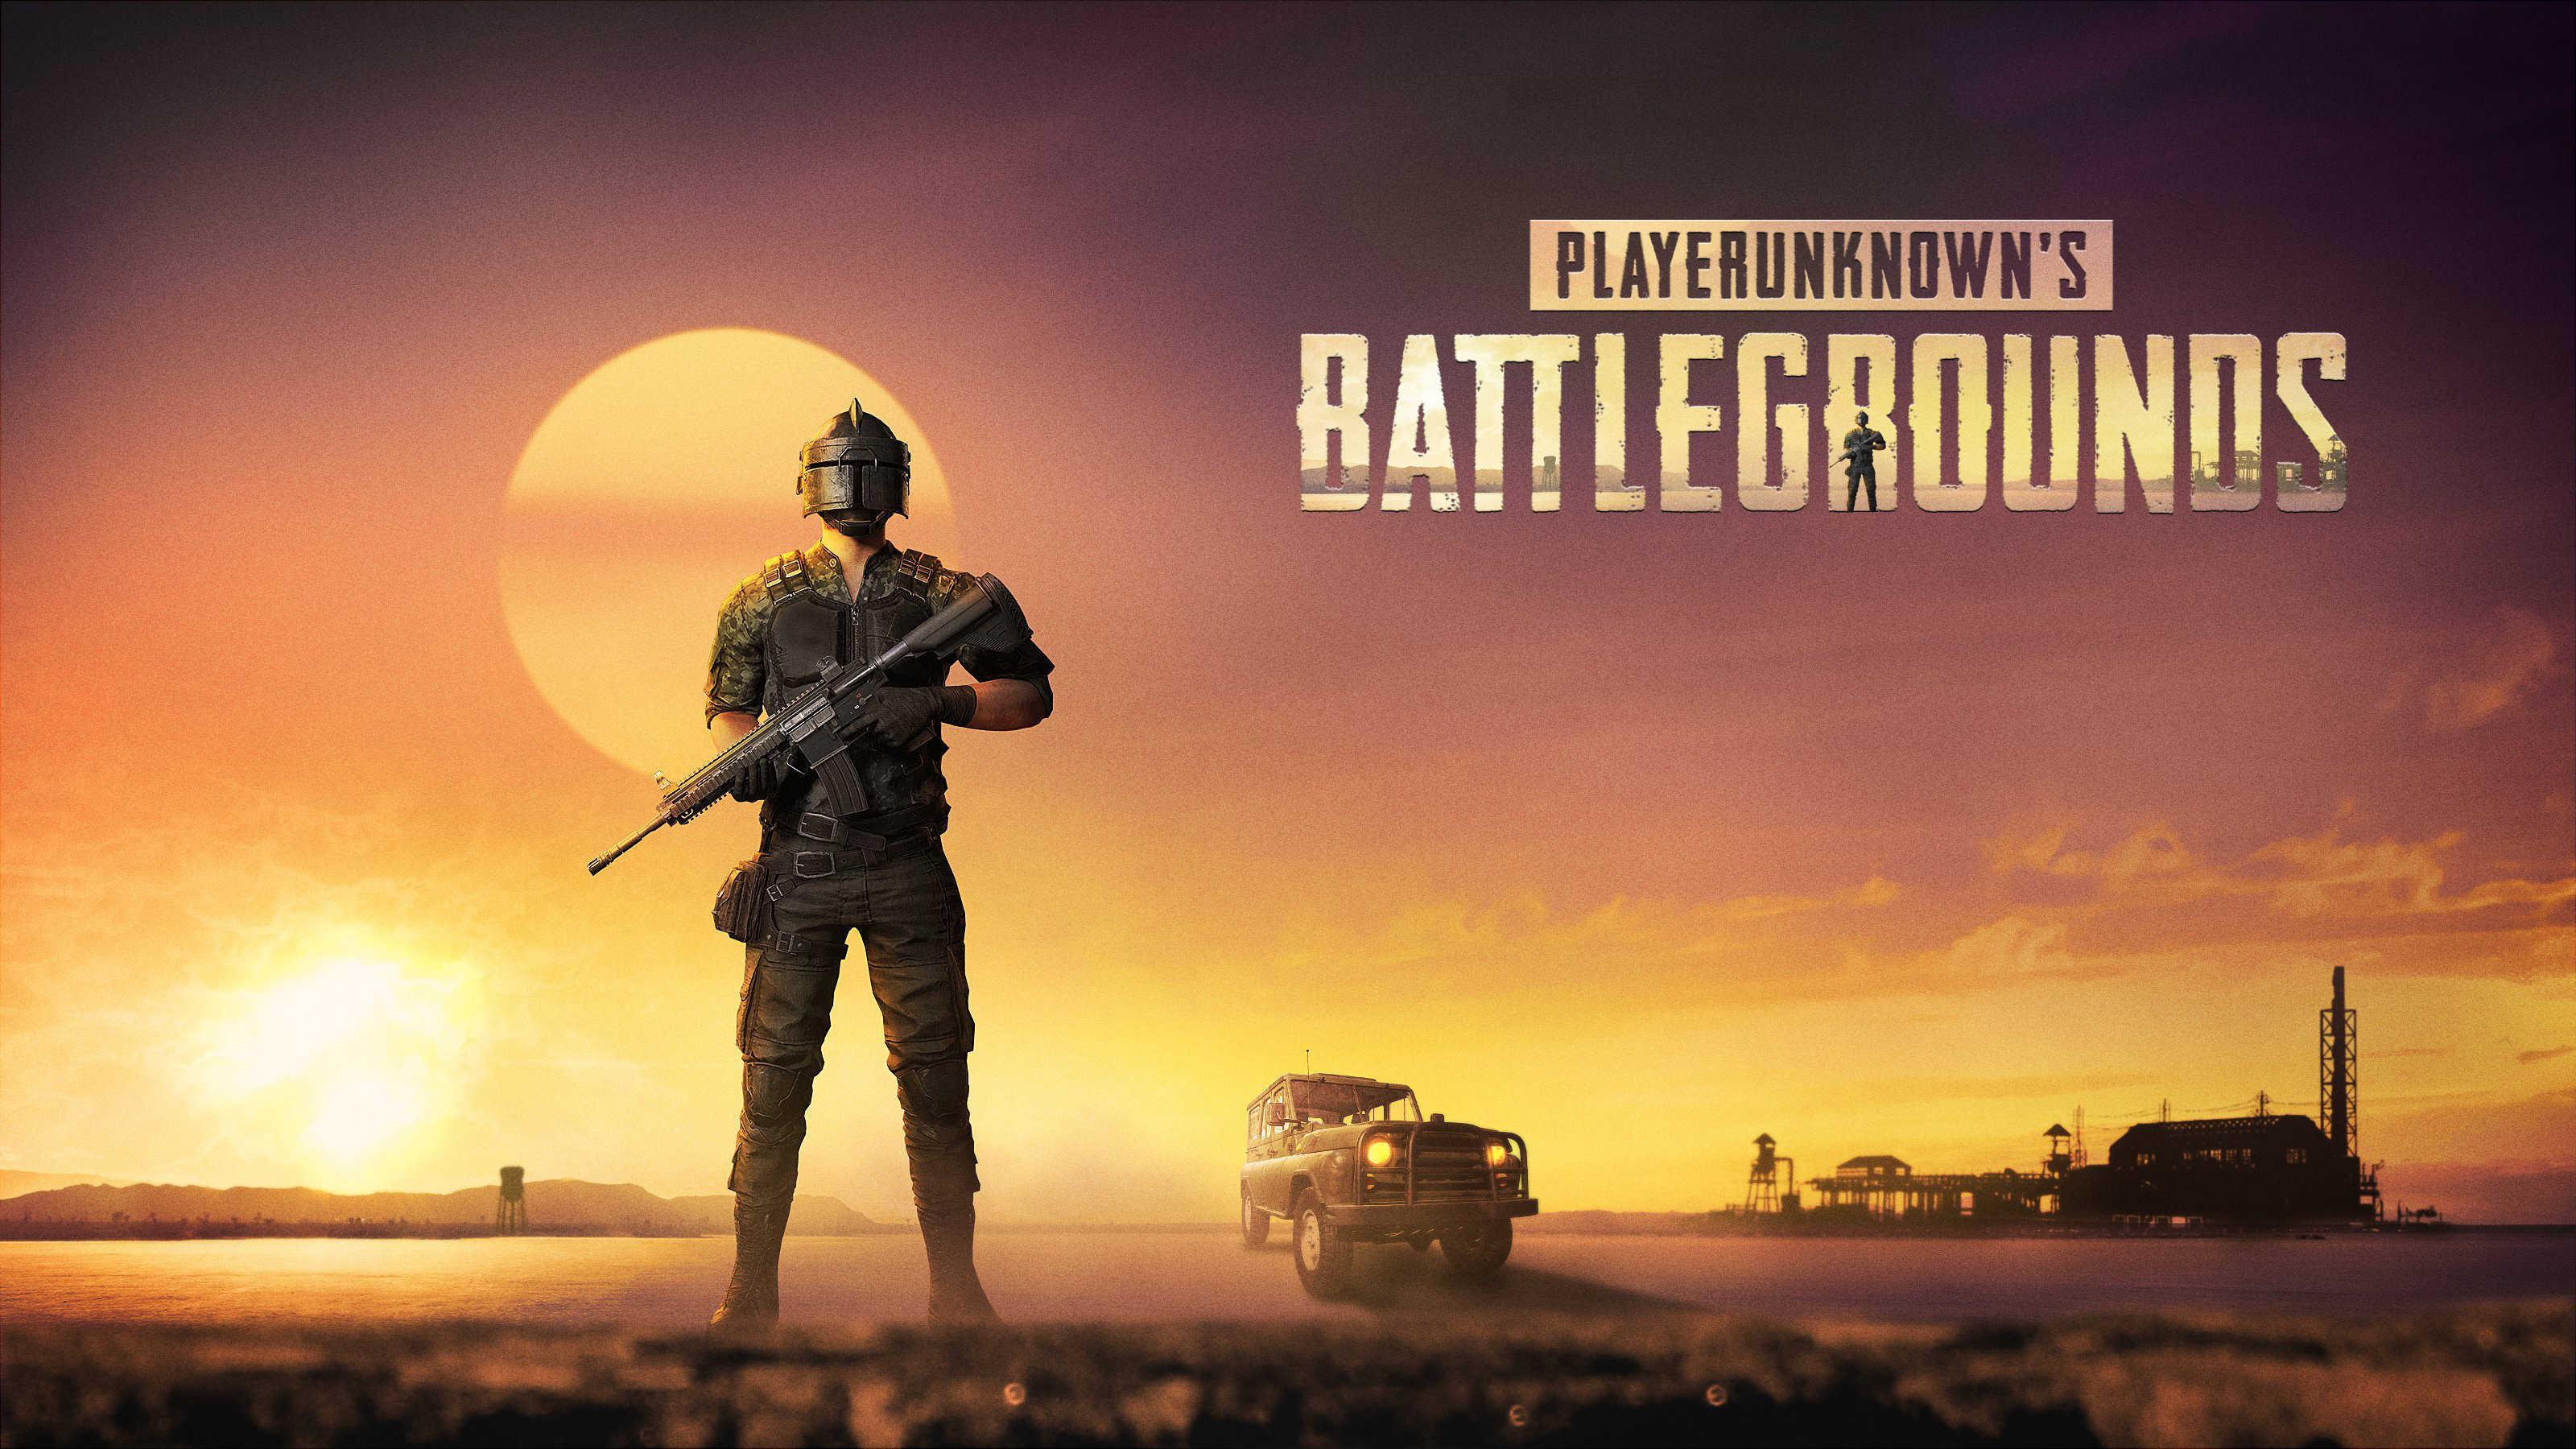 Wallpaper Engine 2d 4k Battlegrounds Playerunknowns